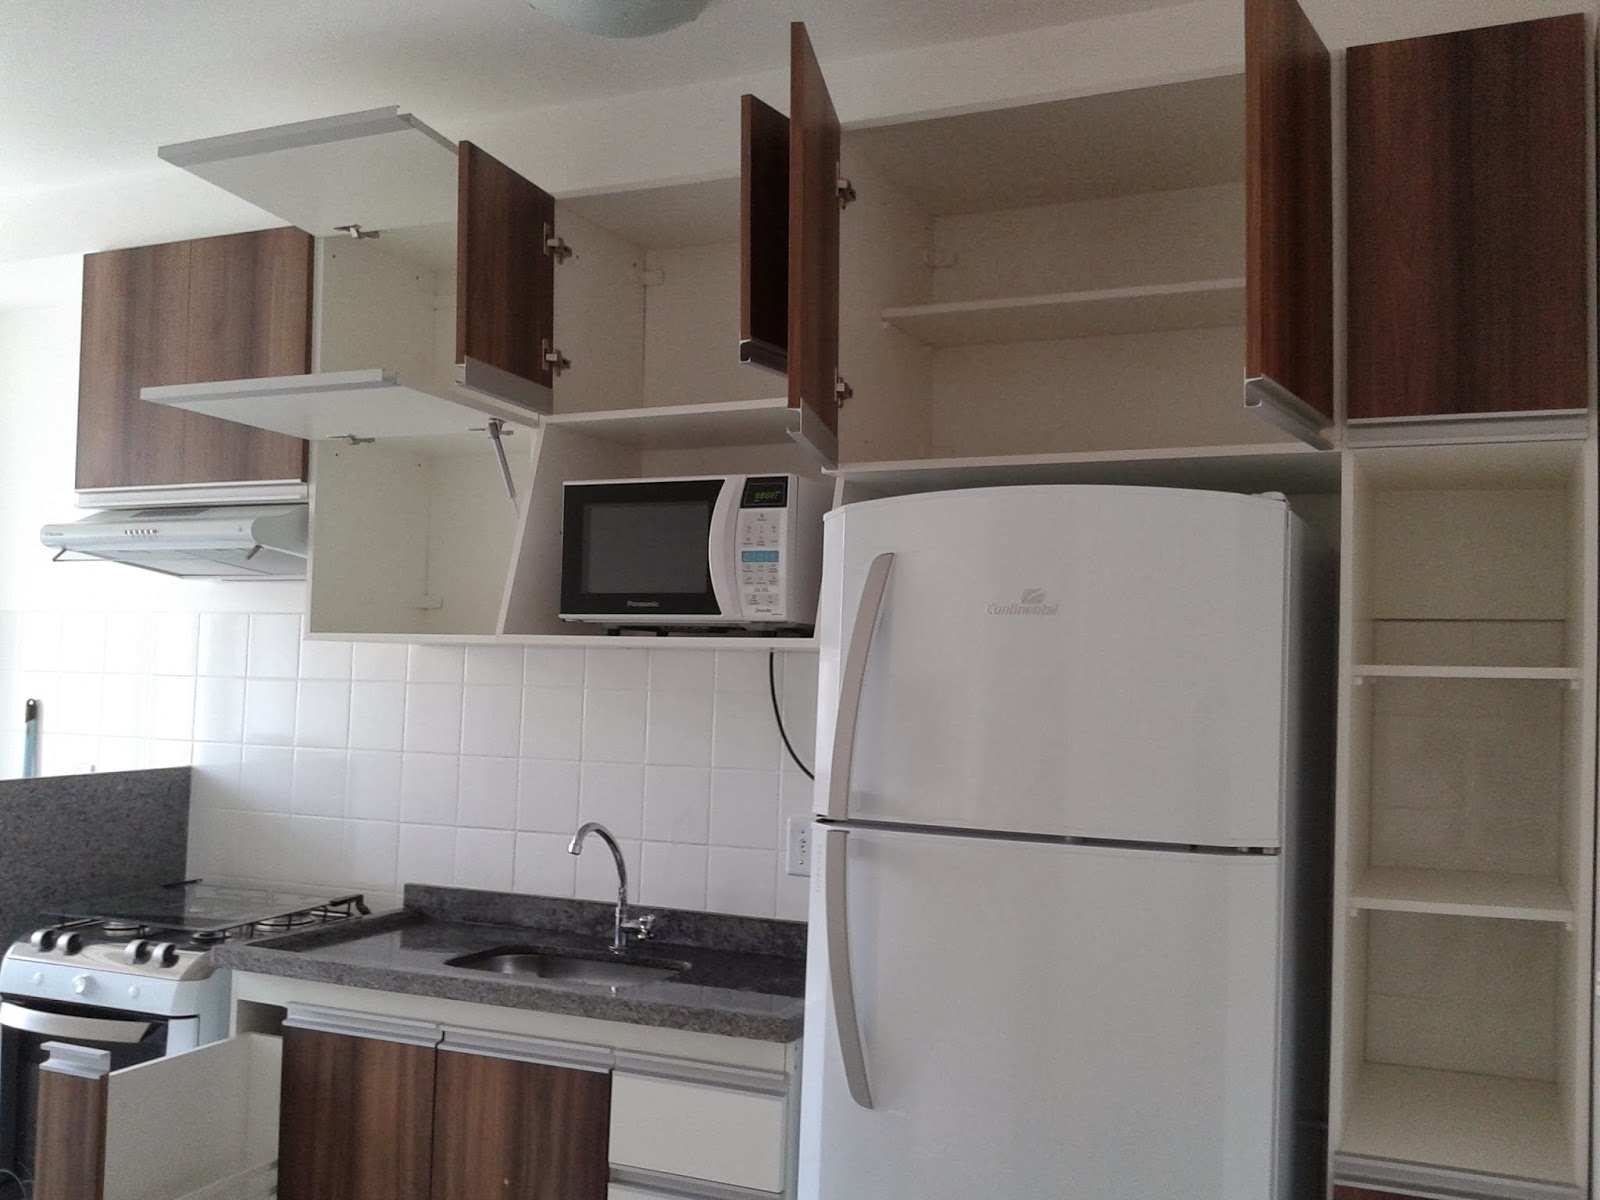 #5E4D40 wdplanejados: Mais um Projeto de Cozinha para Apartamento Completo  1600x1200 px Projeto De Cozinha Em Apartamento #2877 imagens